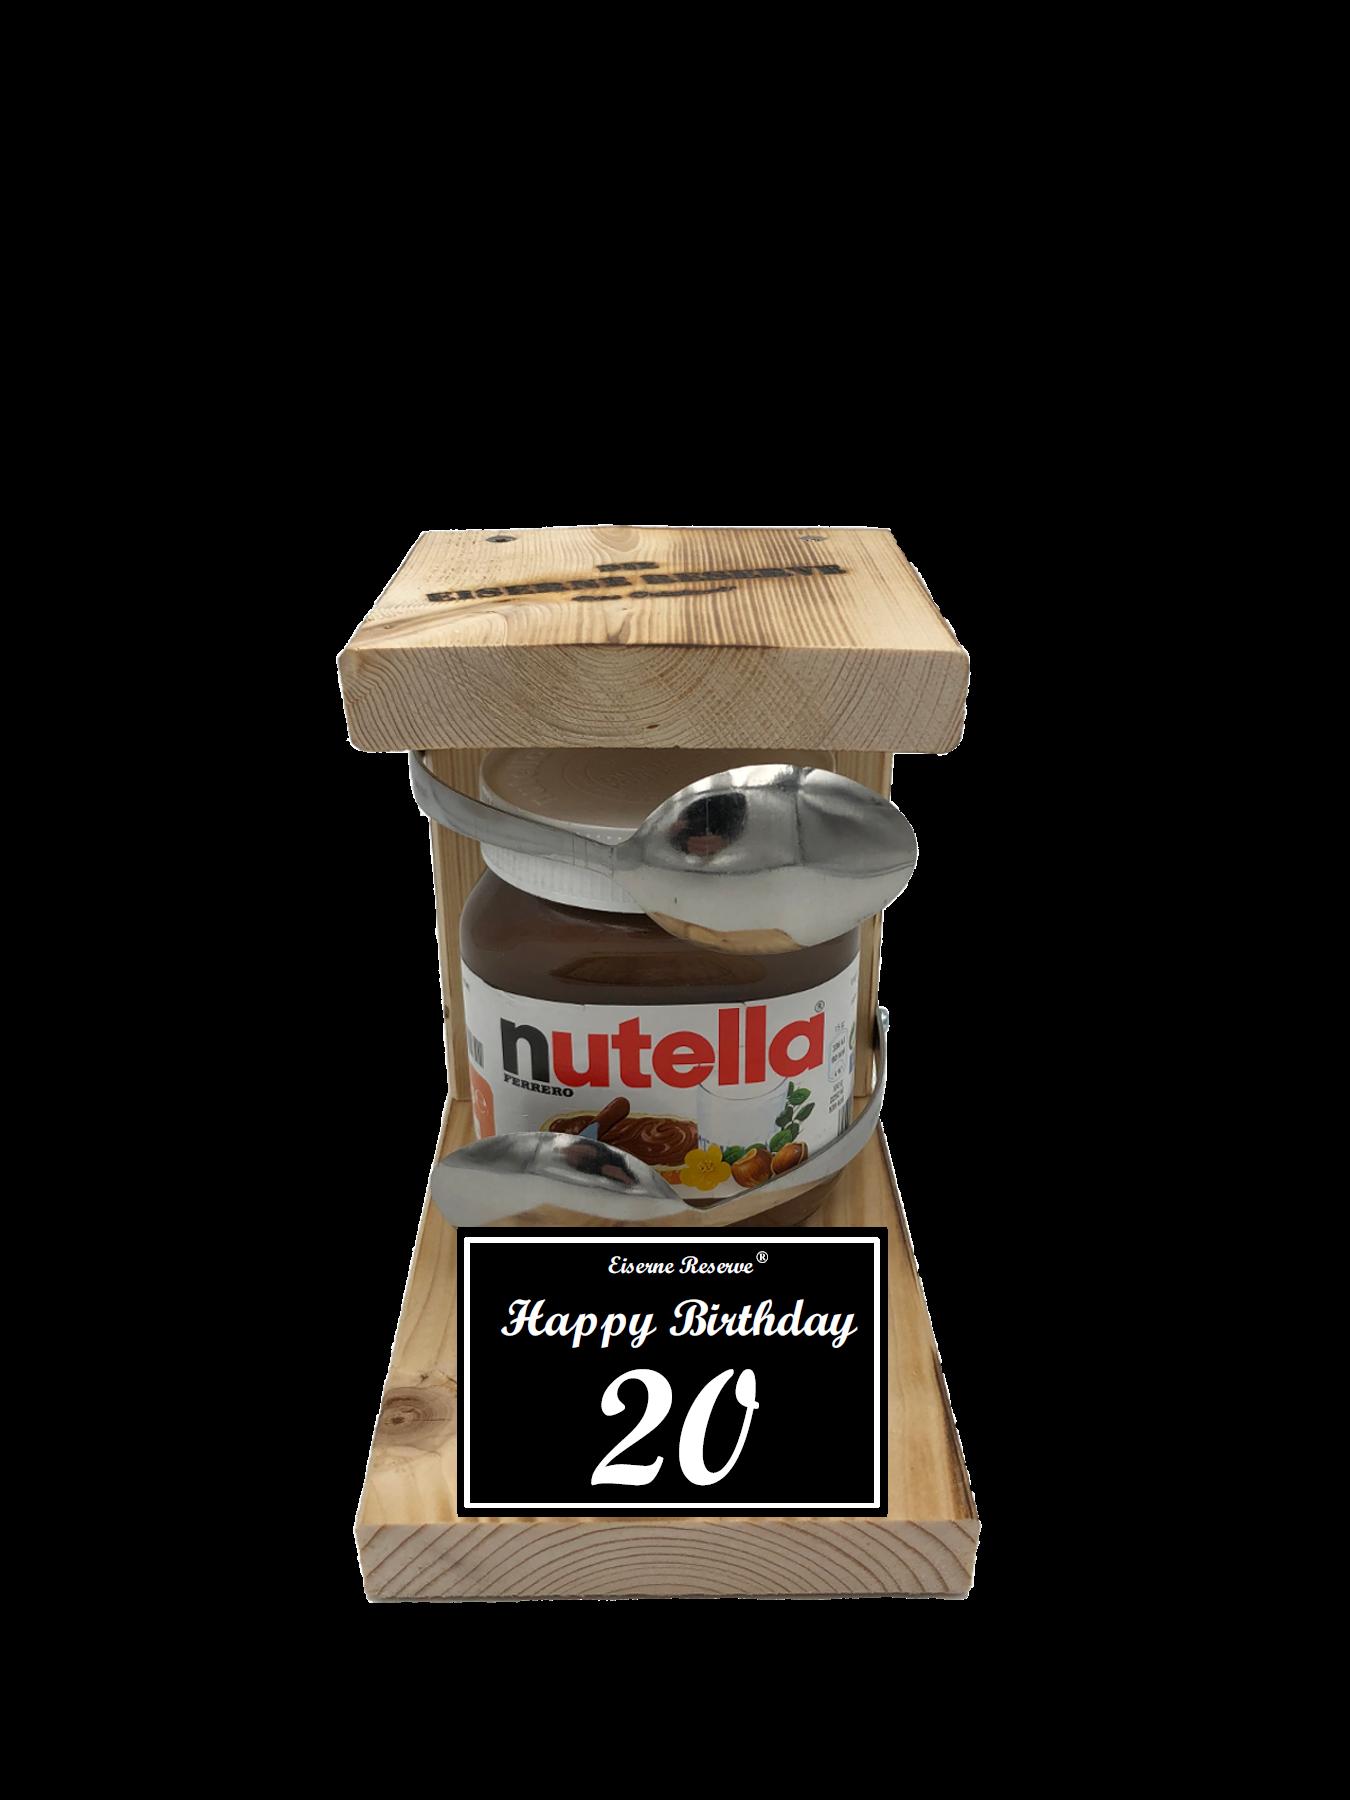 20 Happy Birthday Löffel Nutella Geschenk - Die Nutella Geschenkidee